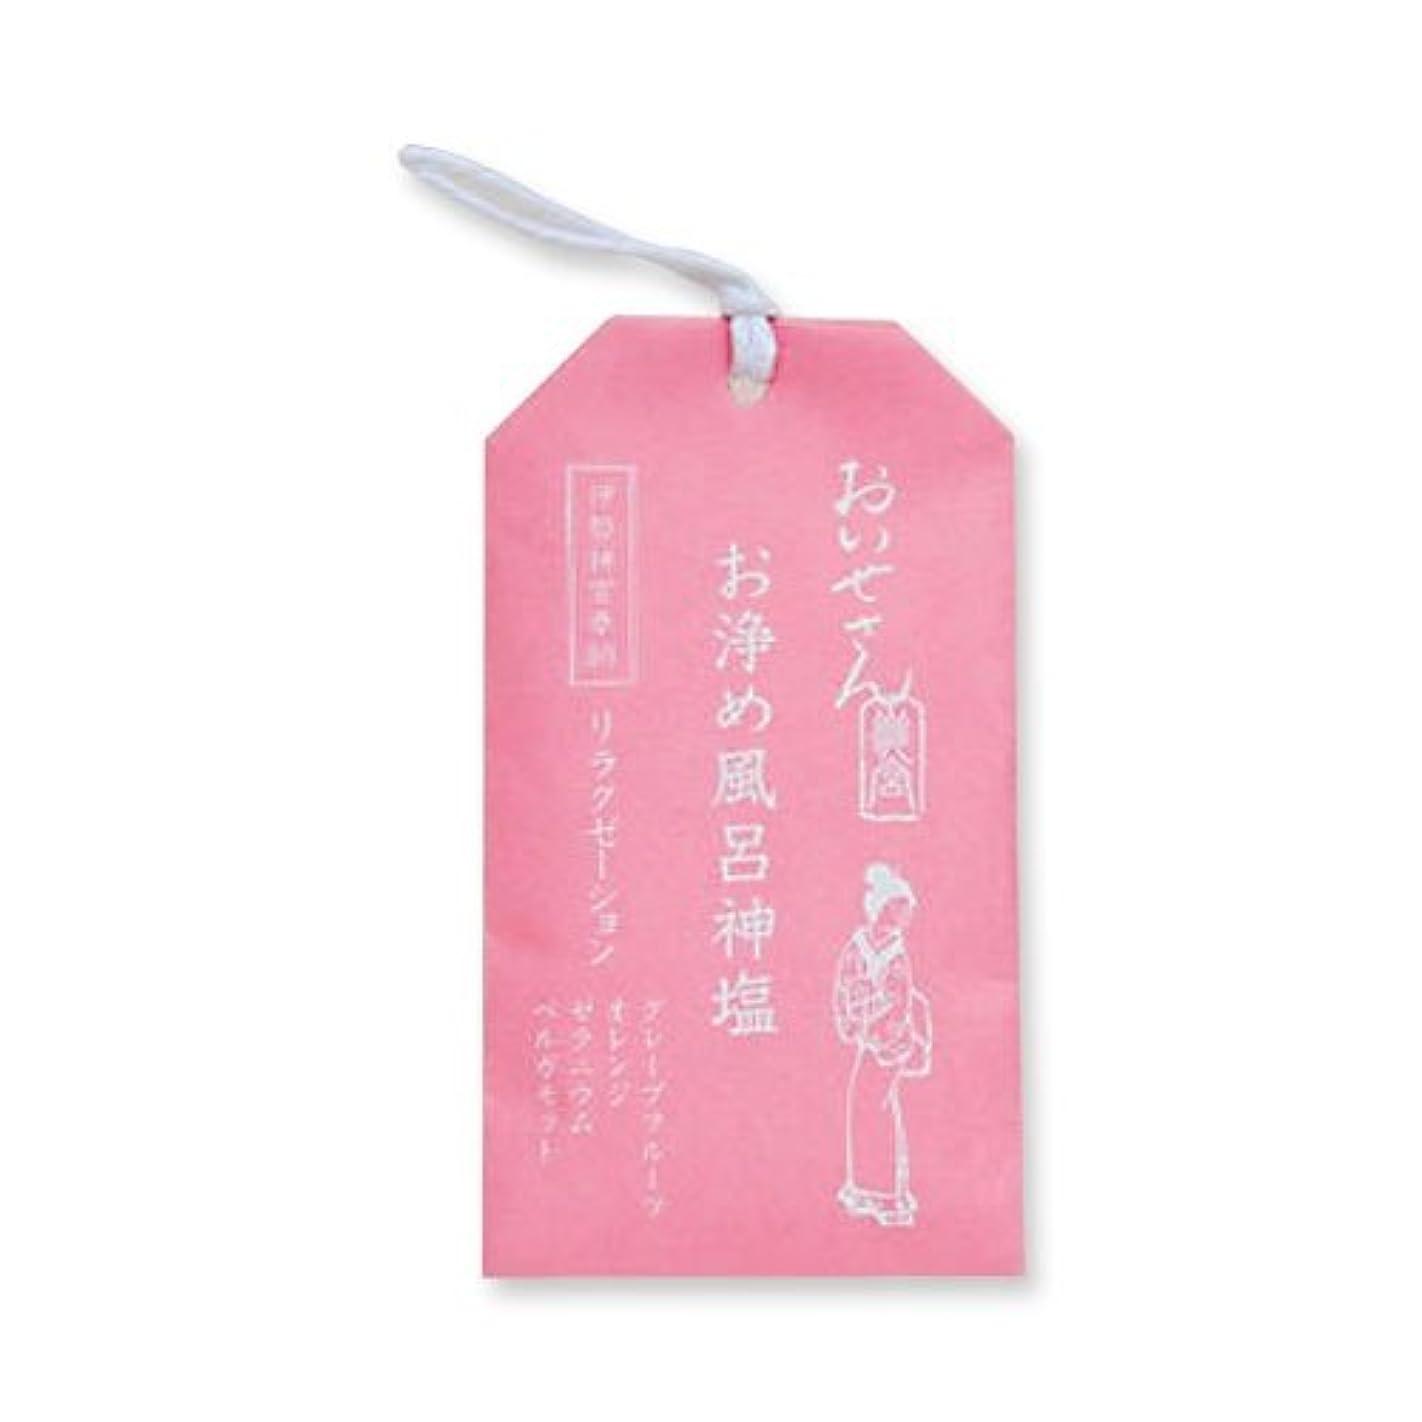 与えるプール受信おいせさん お浄め風呂神塩 バス用ソルト(リラクゼーション) 20g